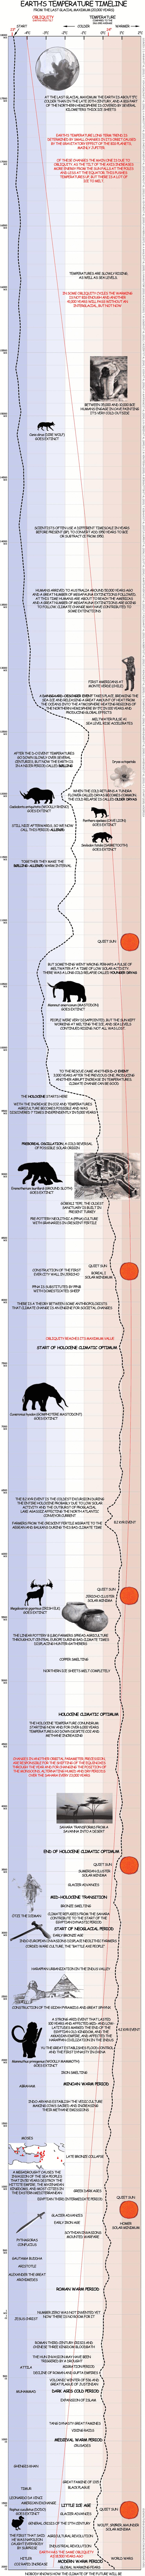 temperaturetimelineb